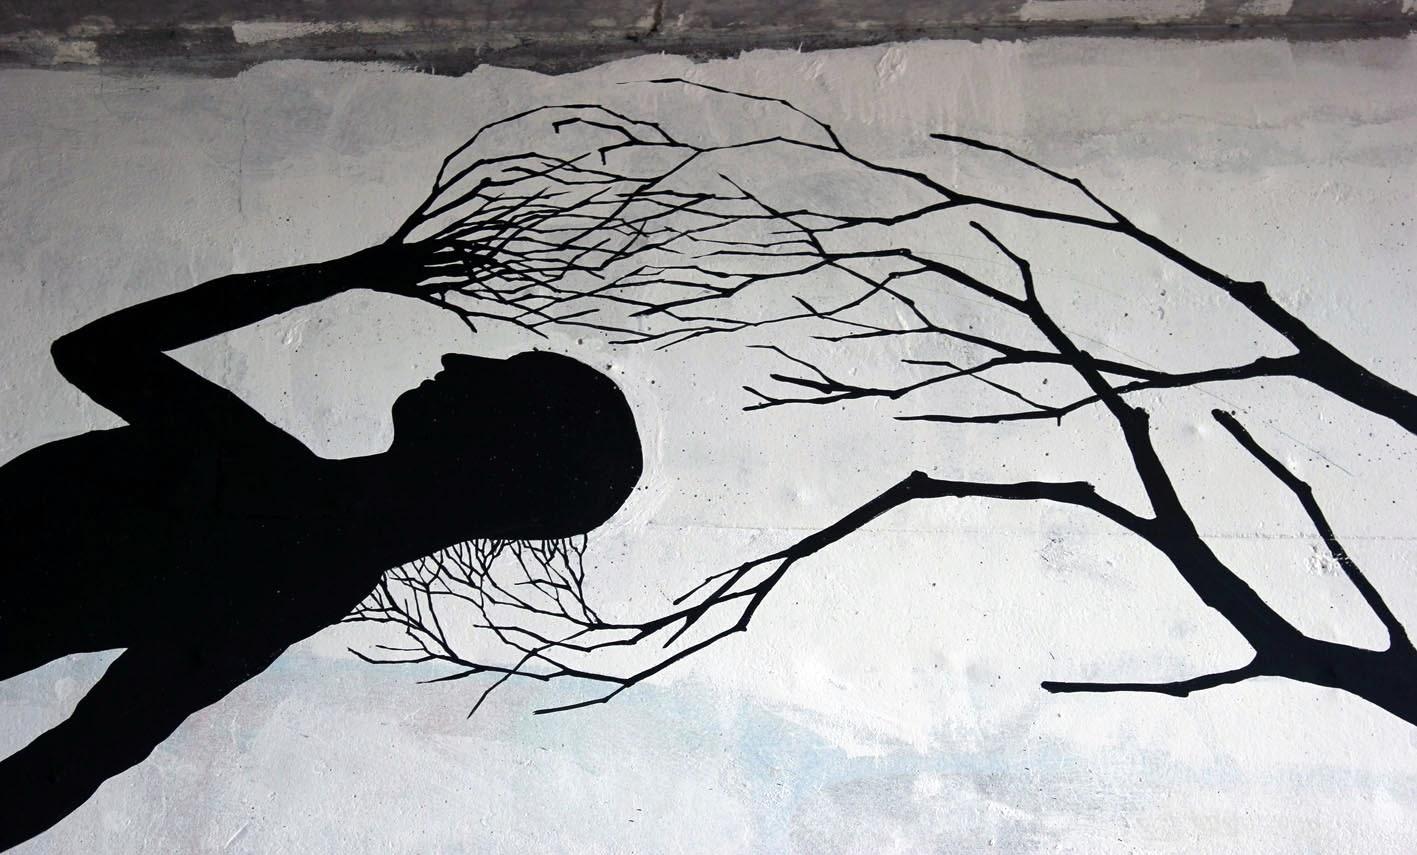 Street Art Collaboration By David De La Mano and Pablo S. Herrero In Porto, Portugal. 3